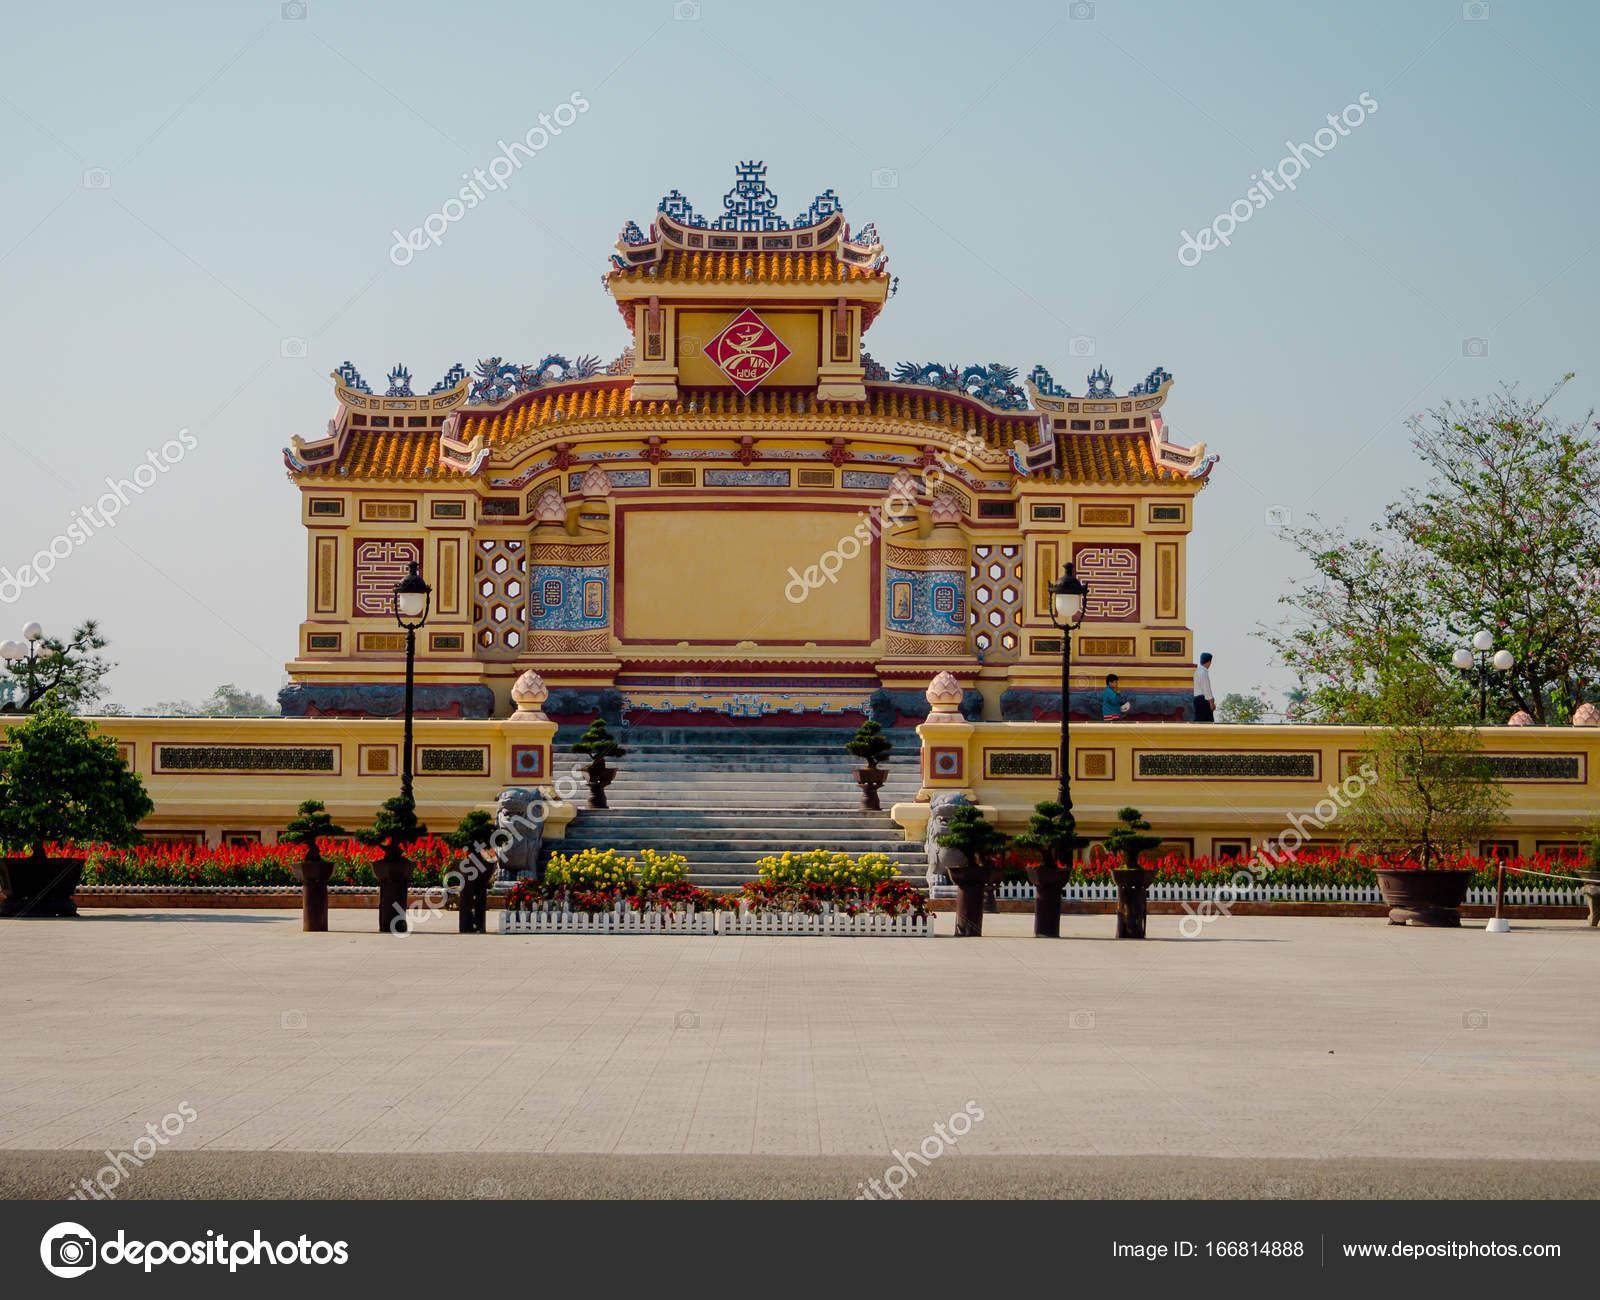 Hue Vietnam 13 September 2017 Schone Tempel Thien Mu Pagode